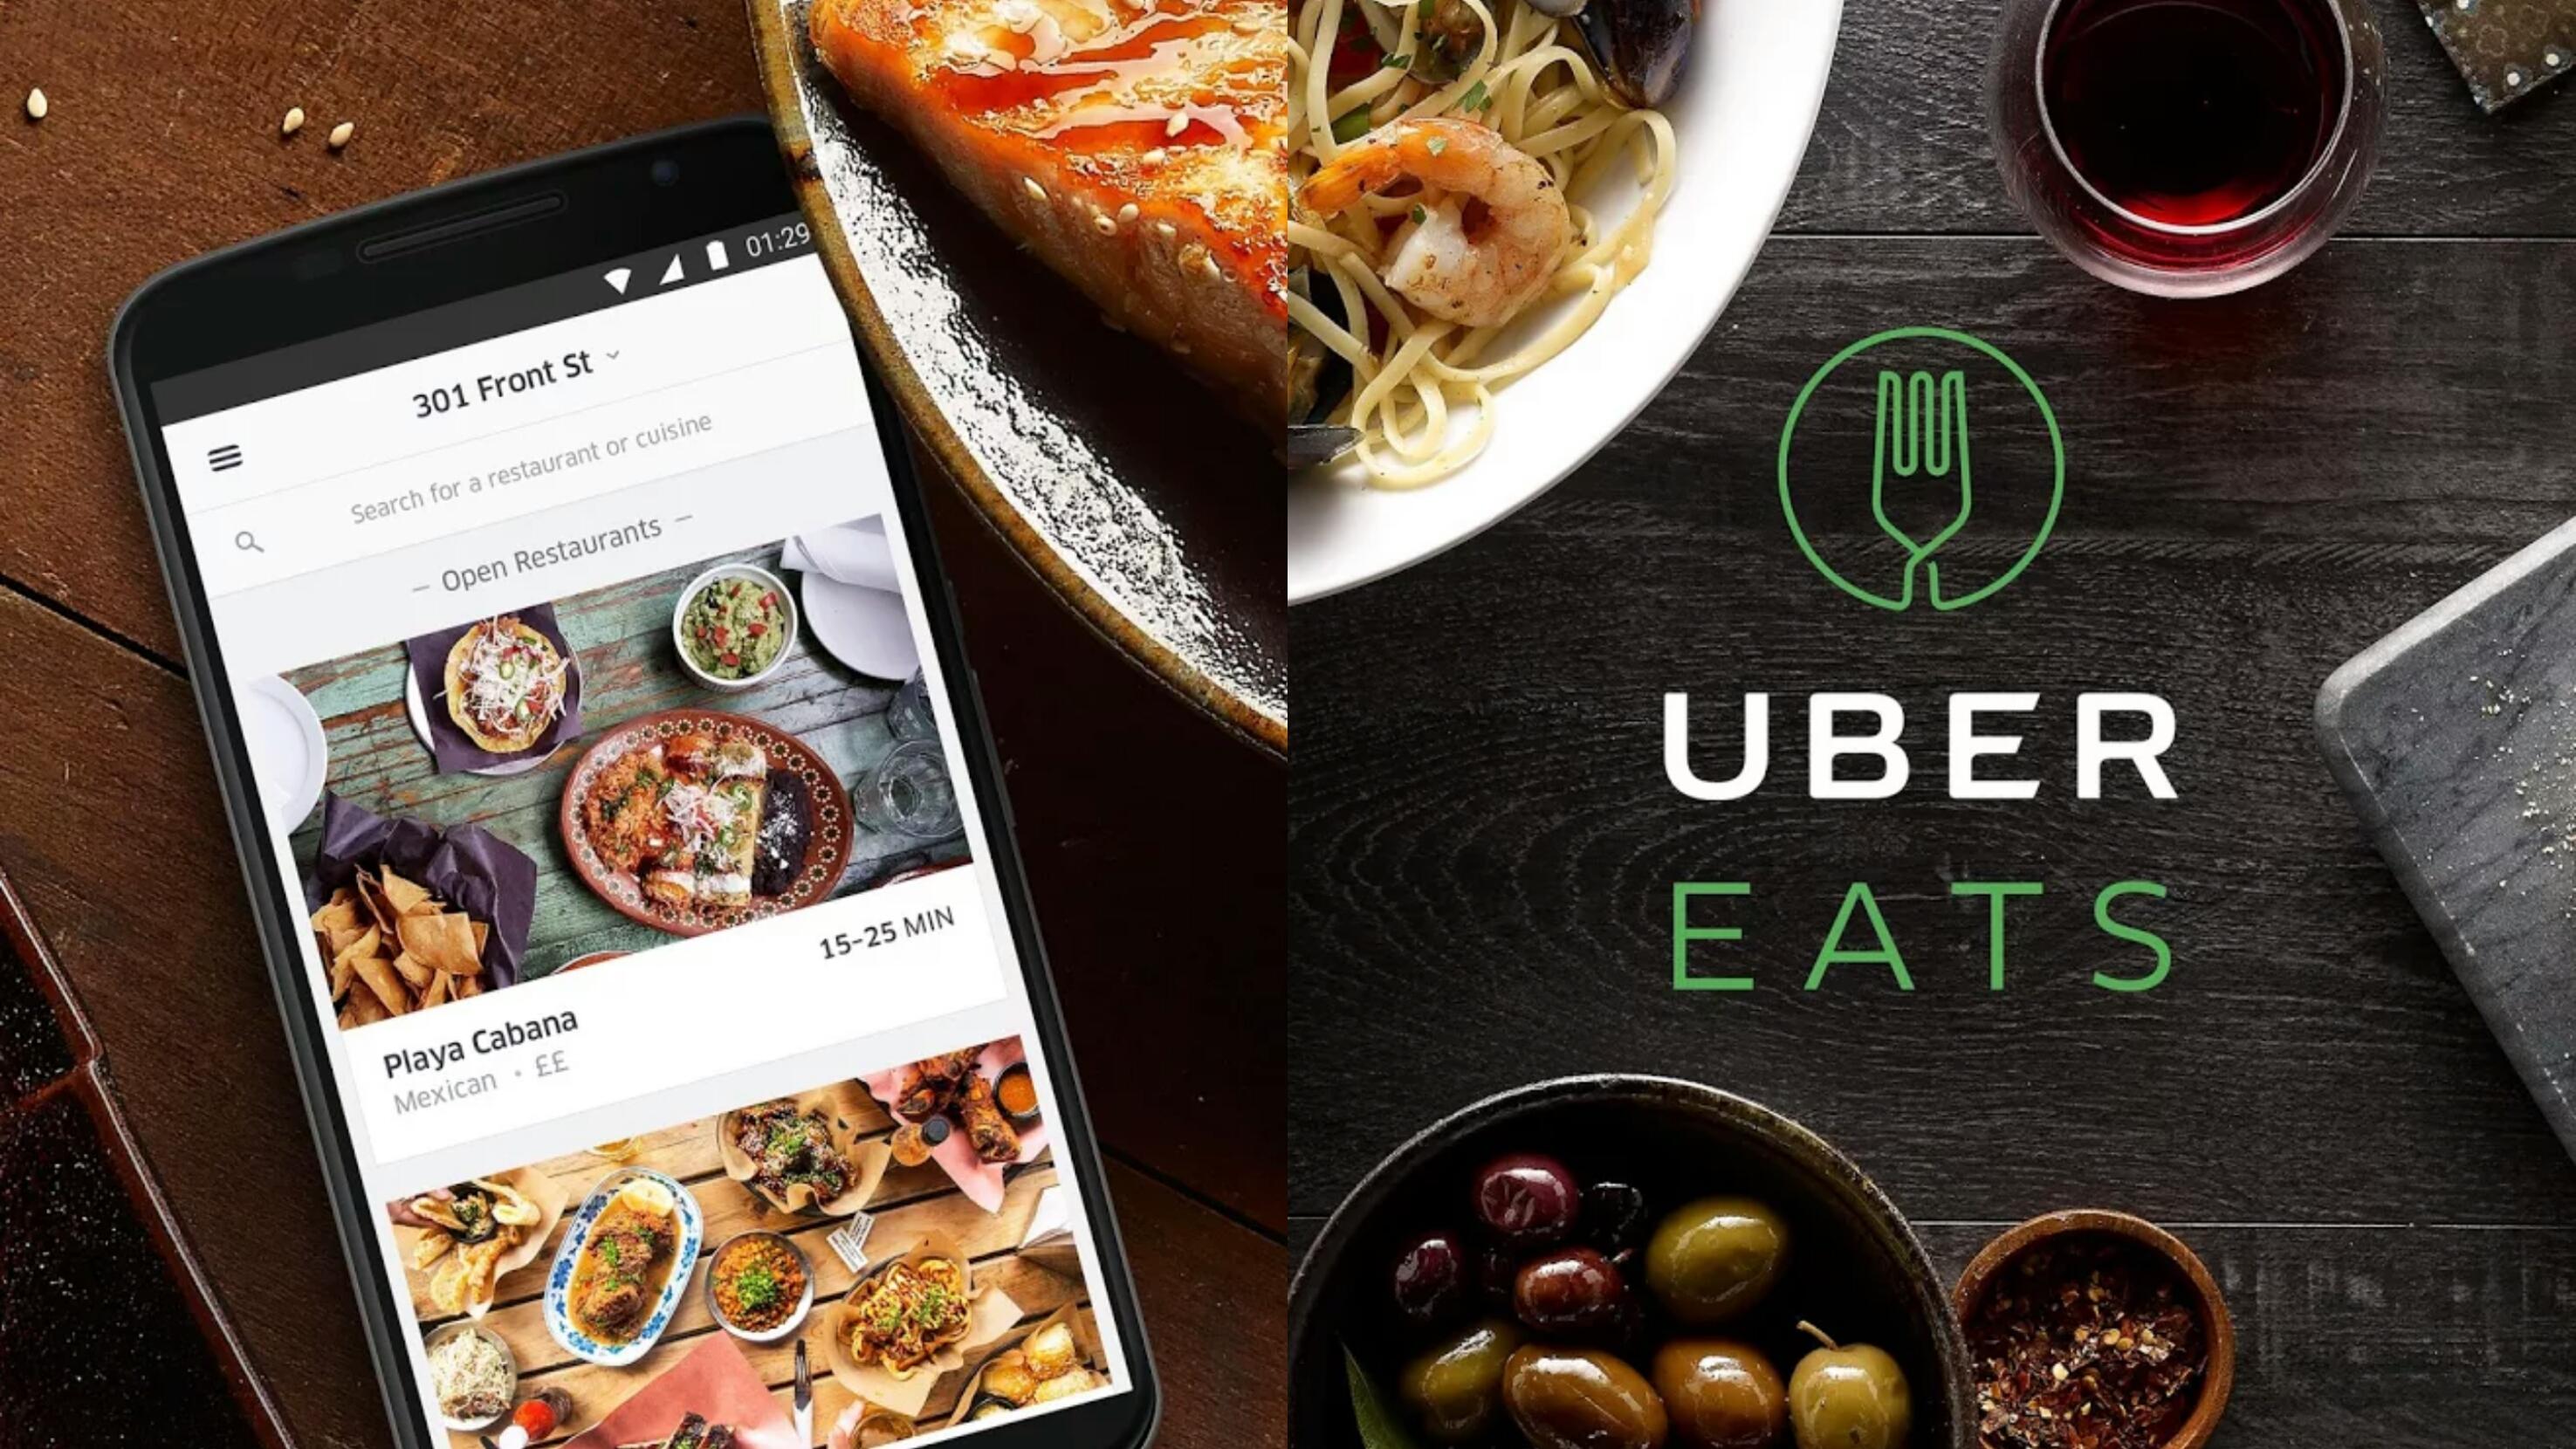 uber eats - Aplicaciones móviles de reparto a domicilio crecen en Ecuador